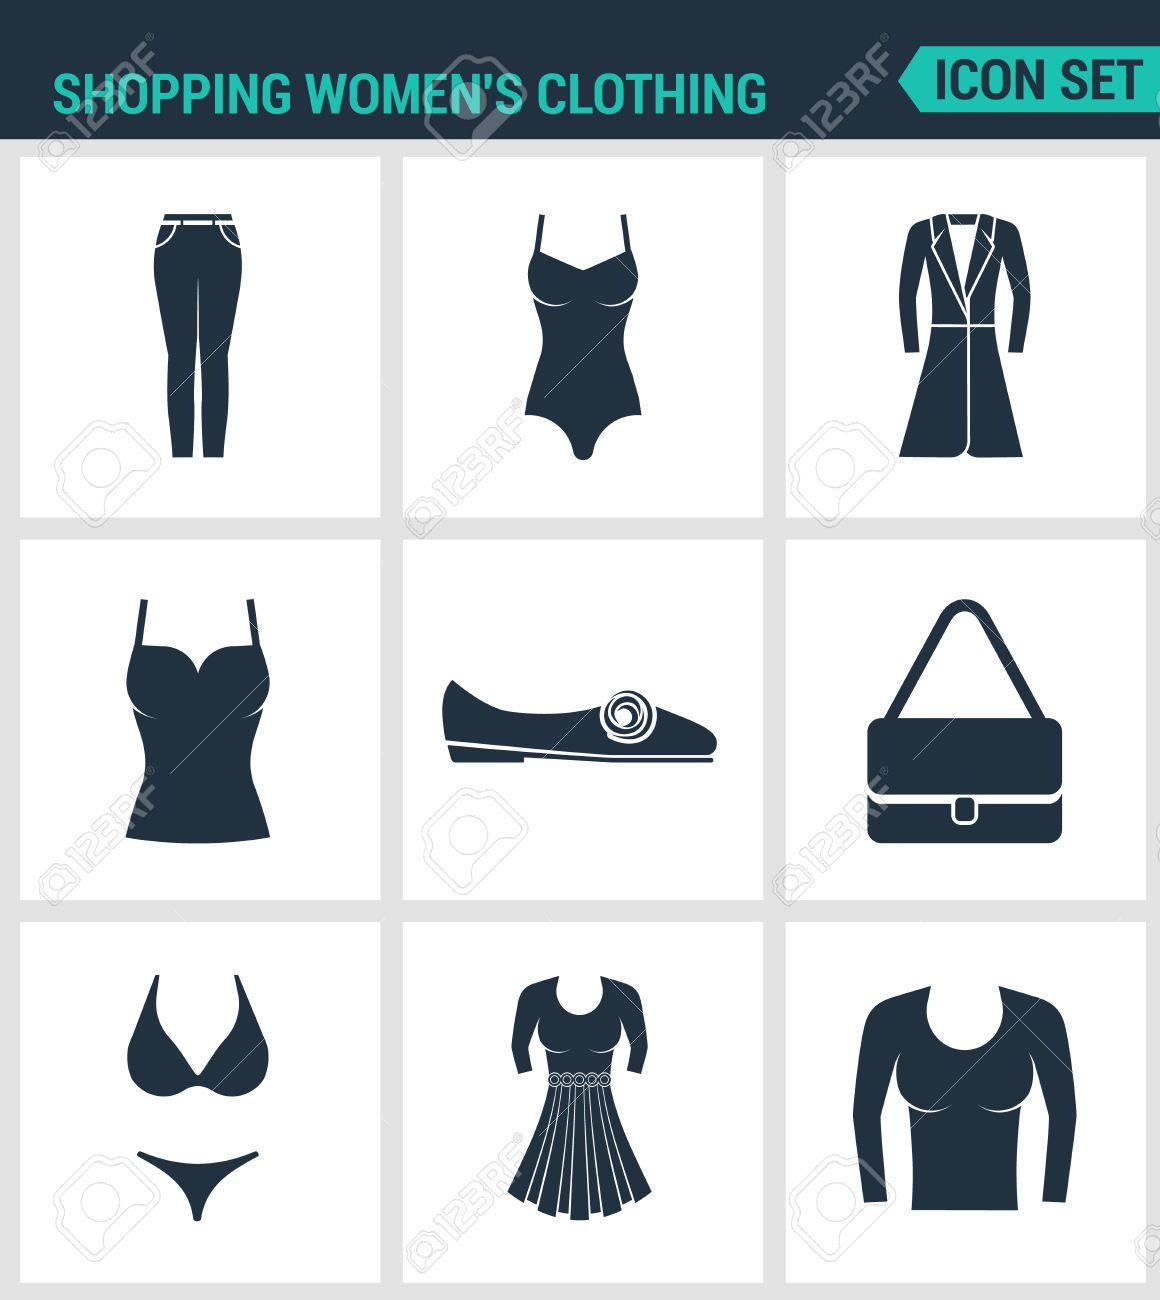 88f0d93d4ac Conjunto De Iconos Vectoriales Modernos. Mujeres De Las Compras S  Pantalones De Vestir